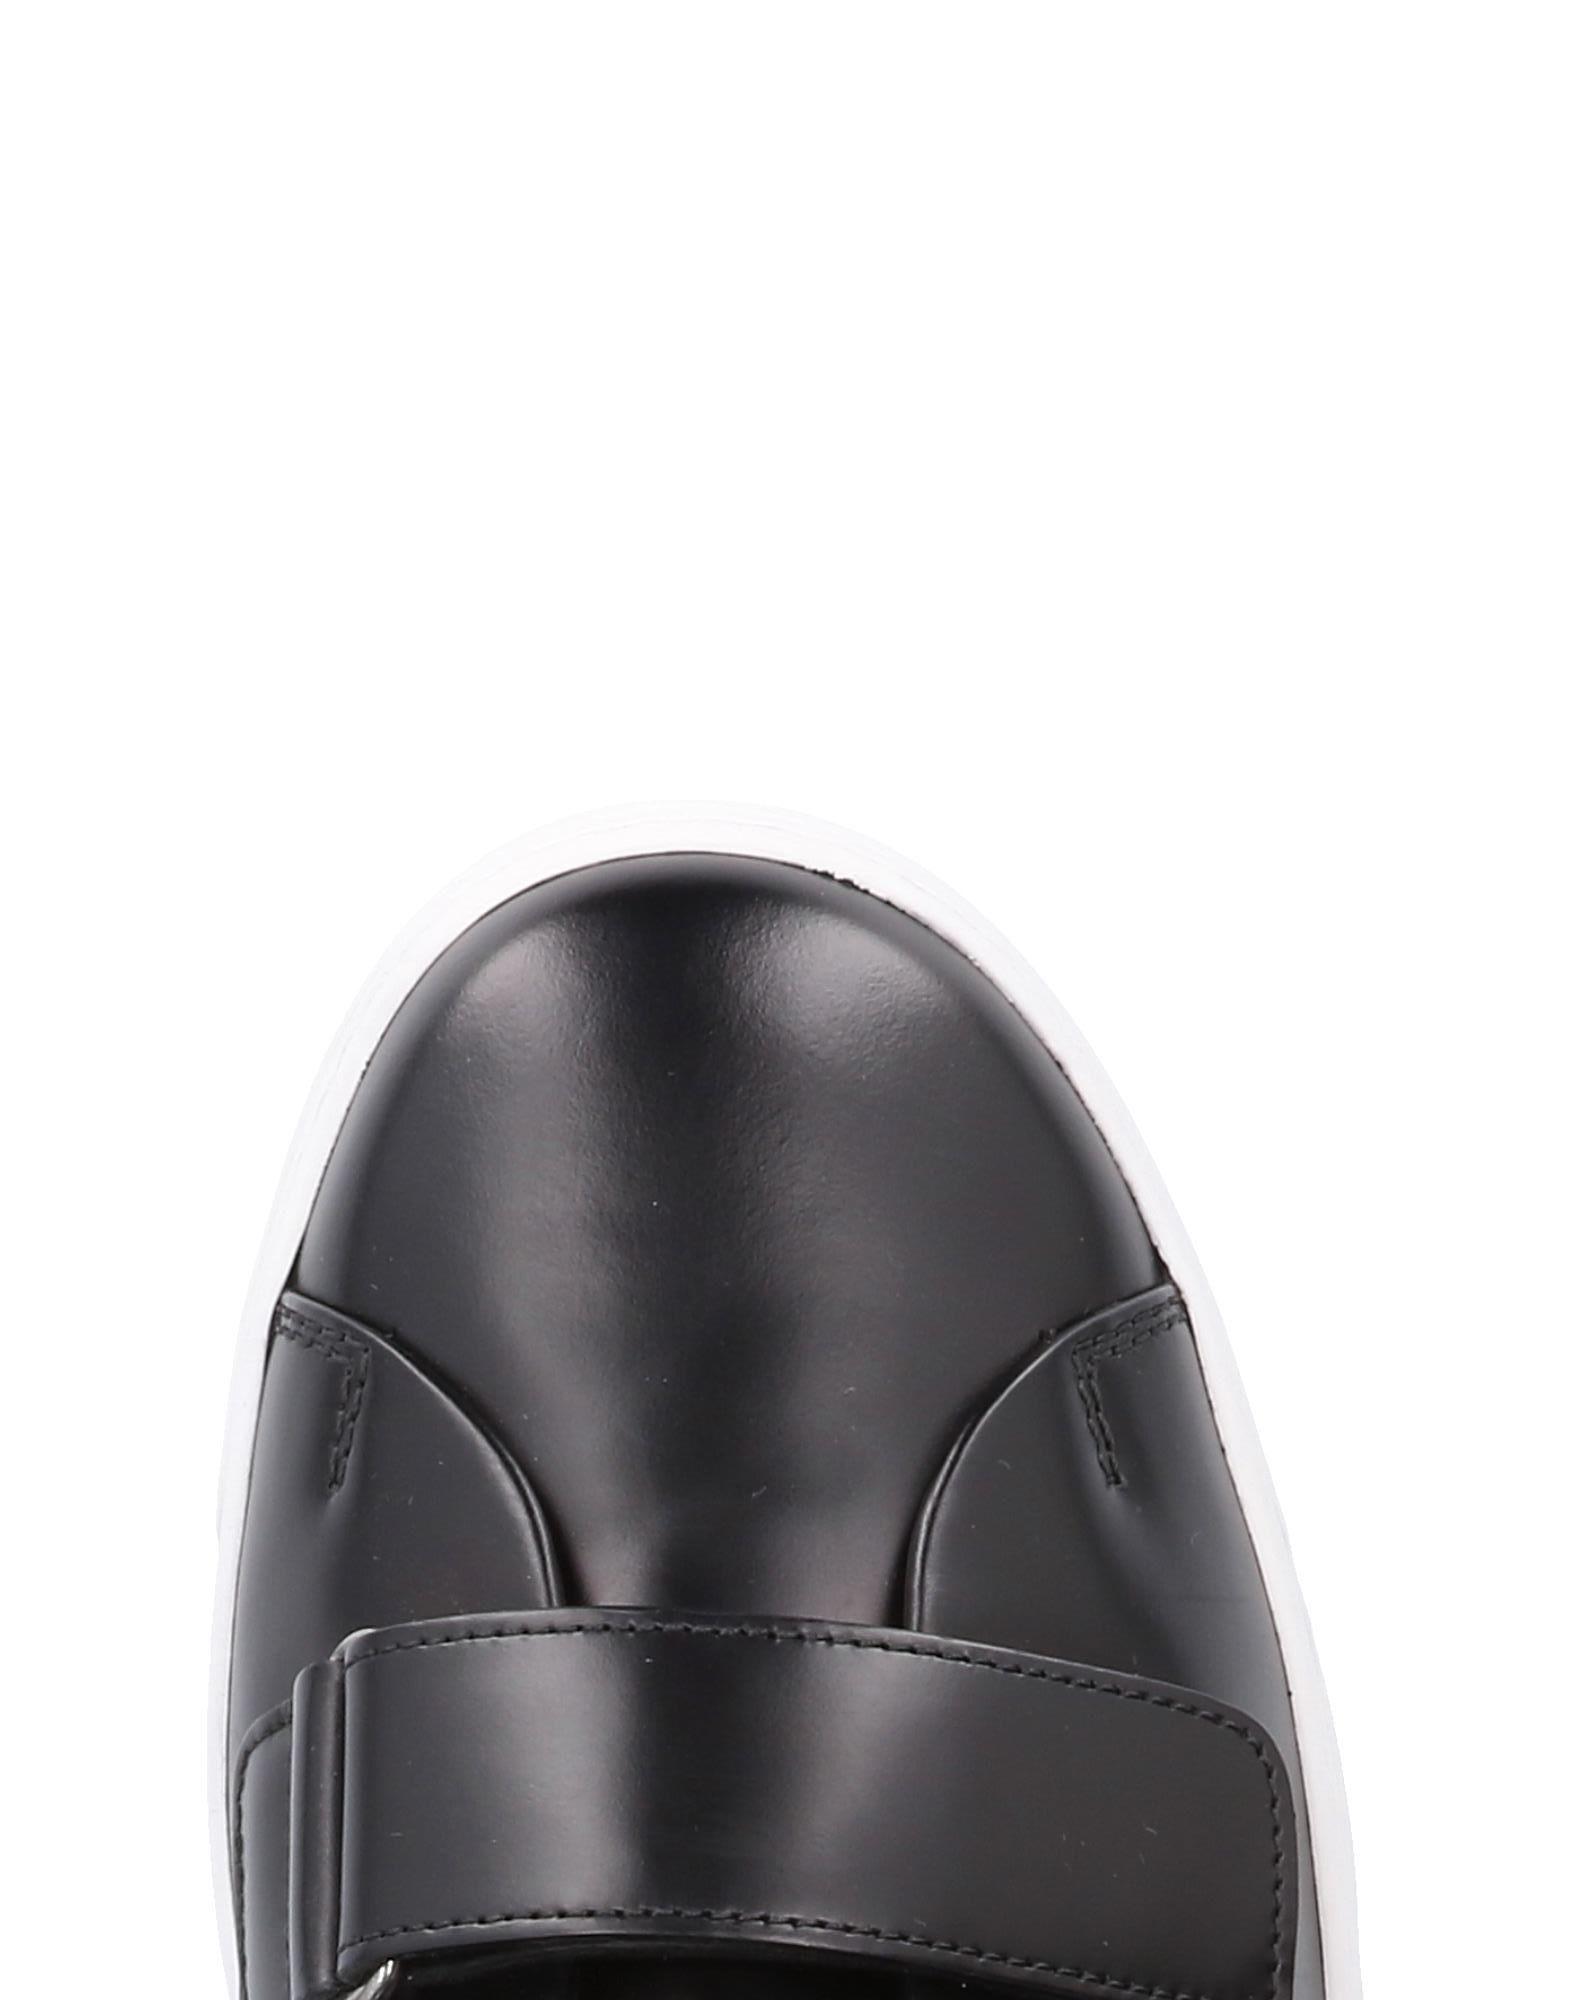 Prada Sport Sneakers Herren beliebte  11482483NQ Gute Qualität beliebte Herren Schuhe 987d9d